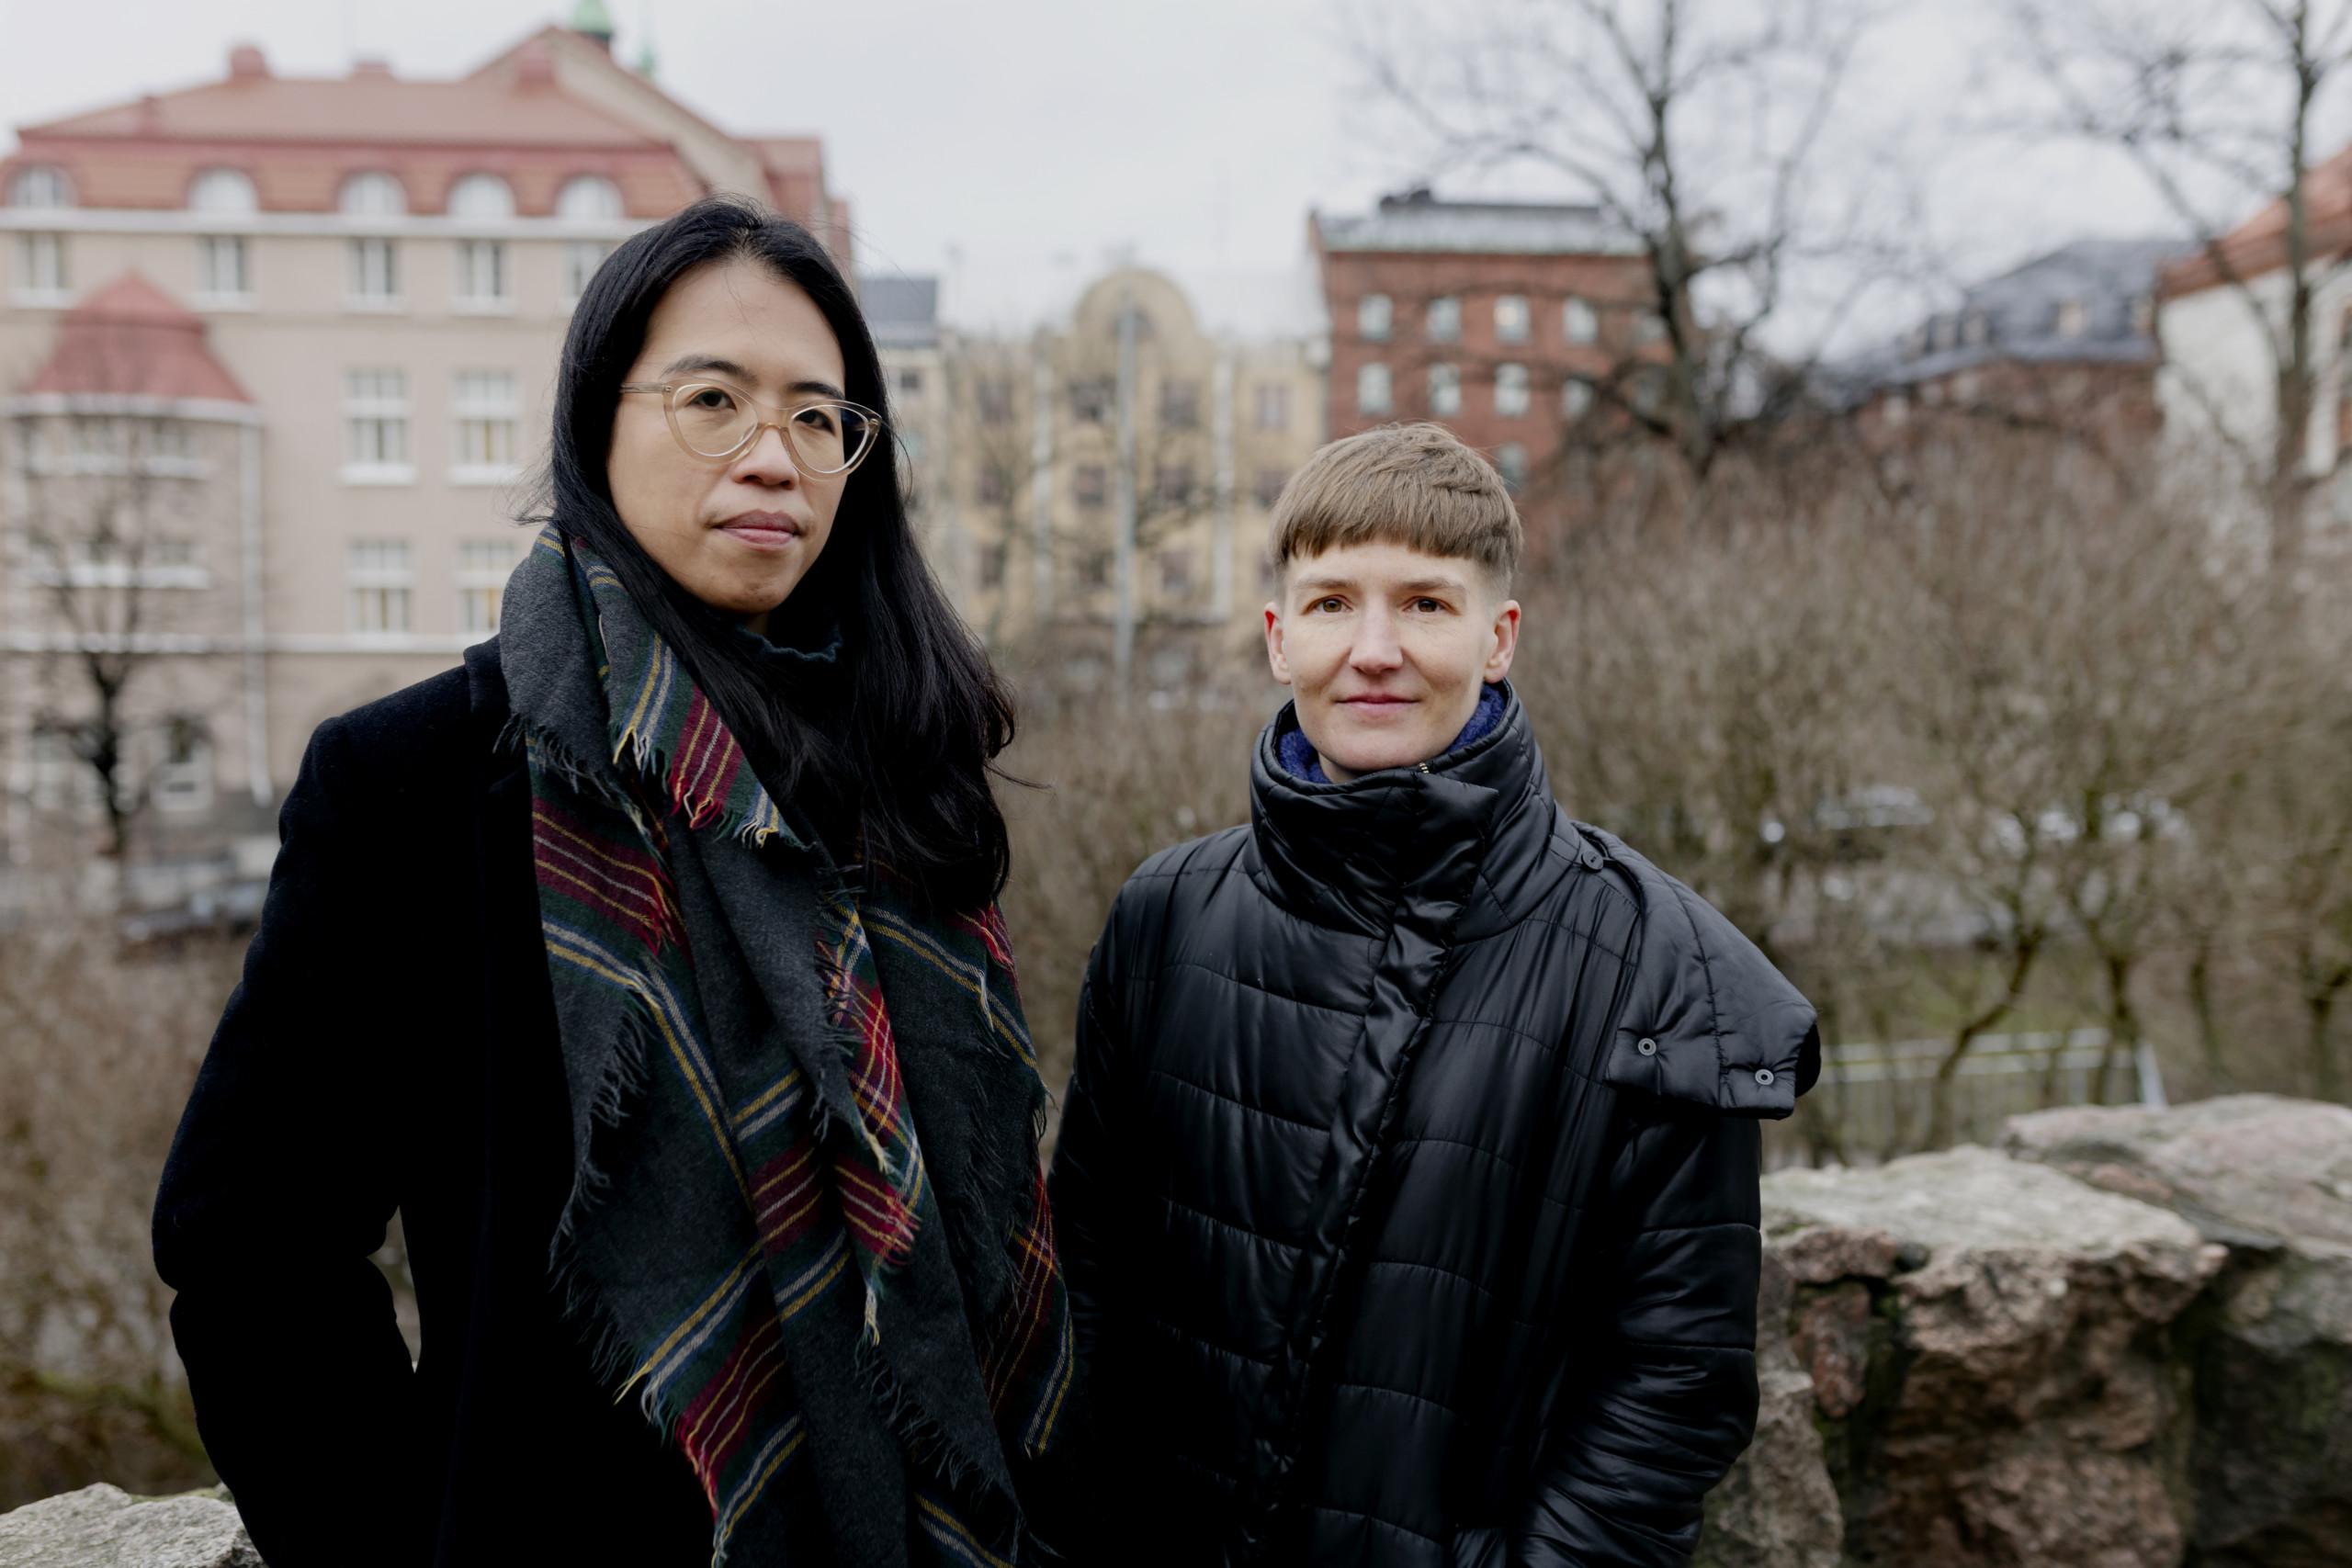 Christina Li ja Pilvi Takala kuvattuna yhdessä talvisessa puistomaisemassa.